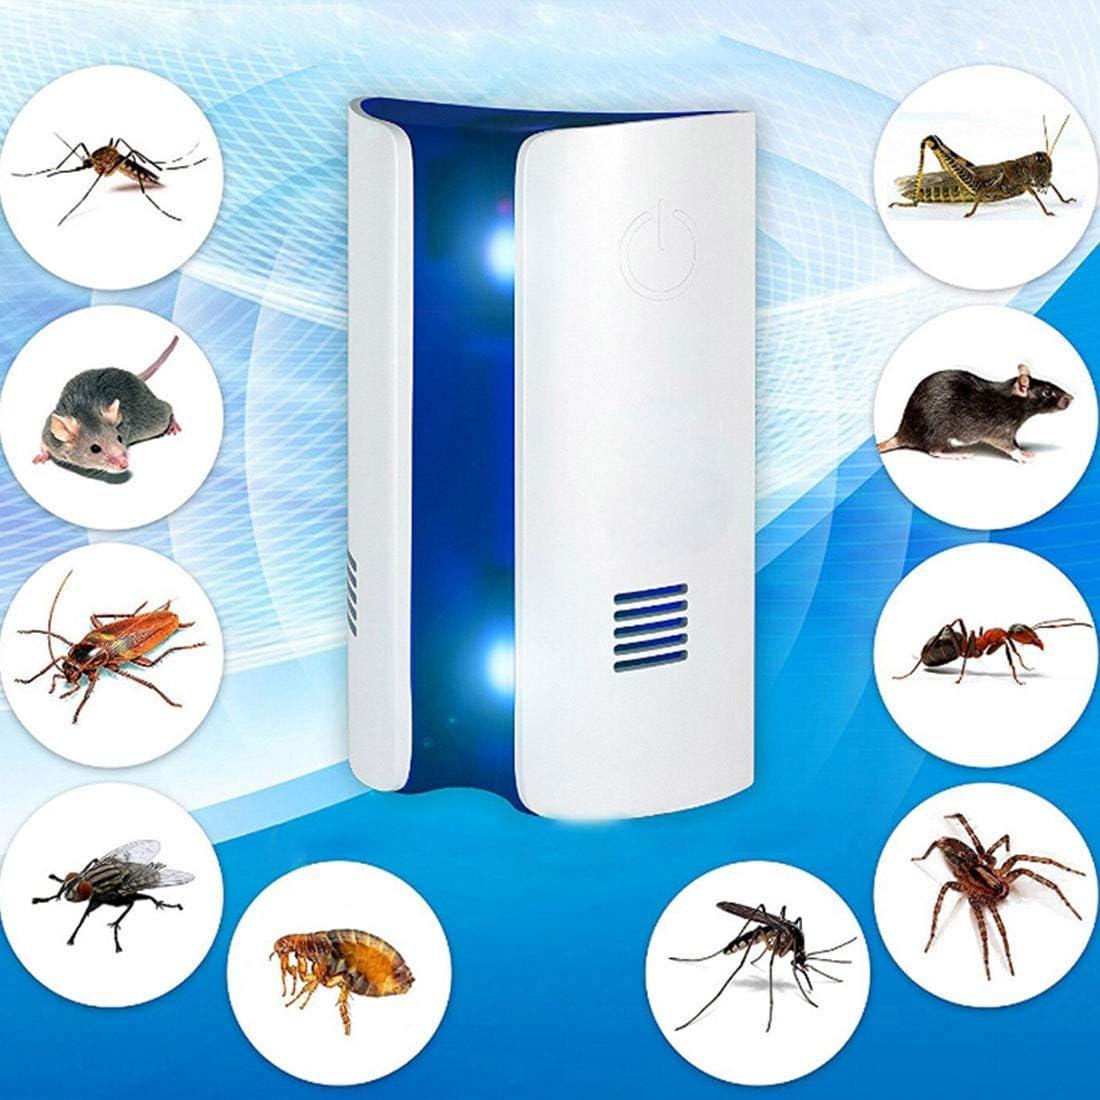 Insecticida ultrasónico electrónico ultrasónicos Electrónica Insecticida A dos no ajustable, Pink (enchufe de EE.UU.) de ondas electromagnéticas de frecuencia de conversión de ondas dobles multifunció